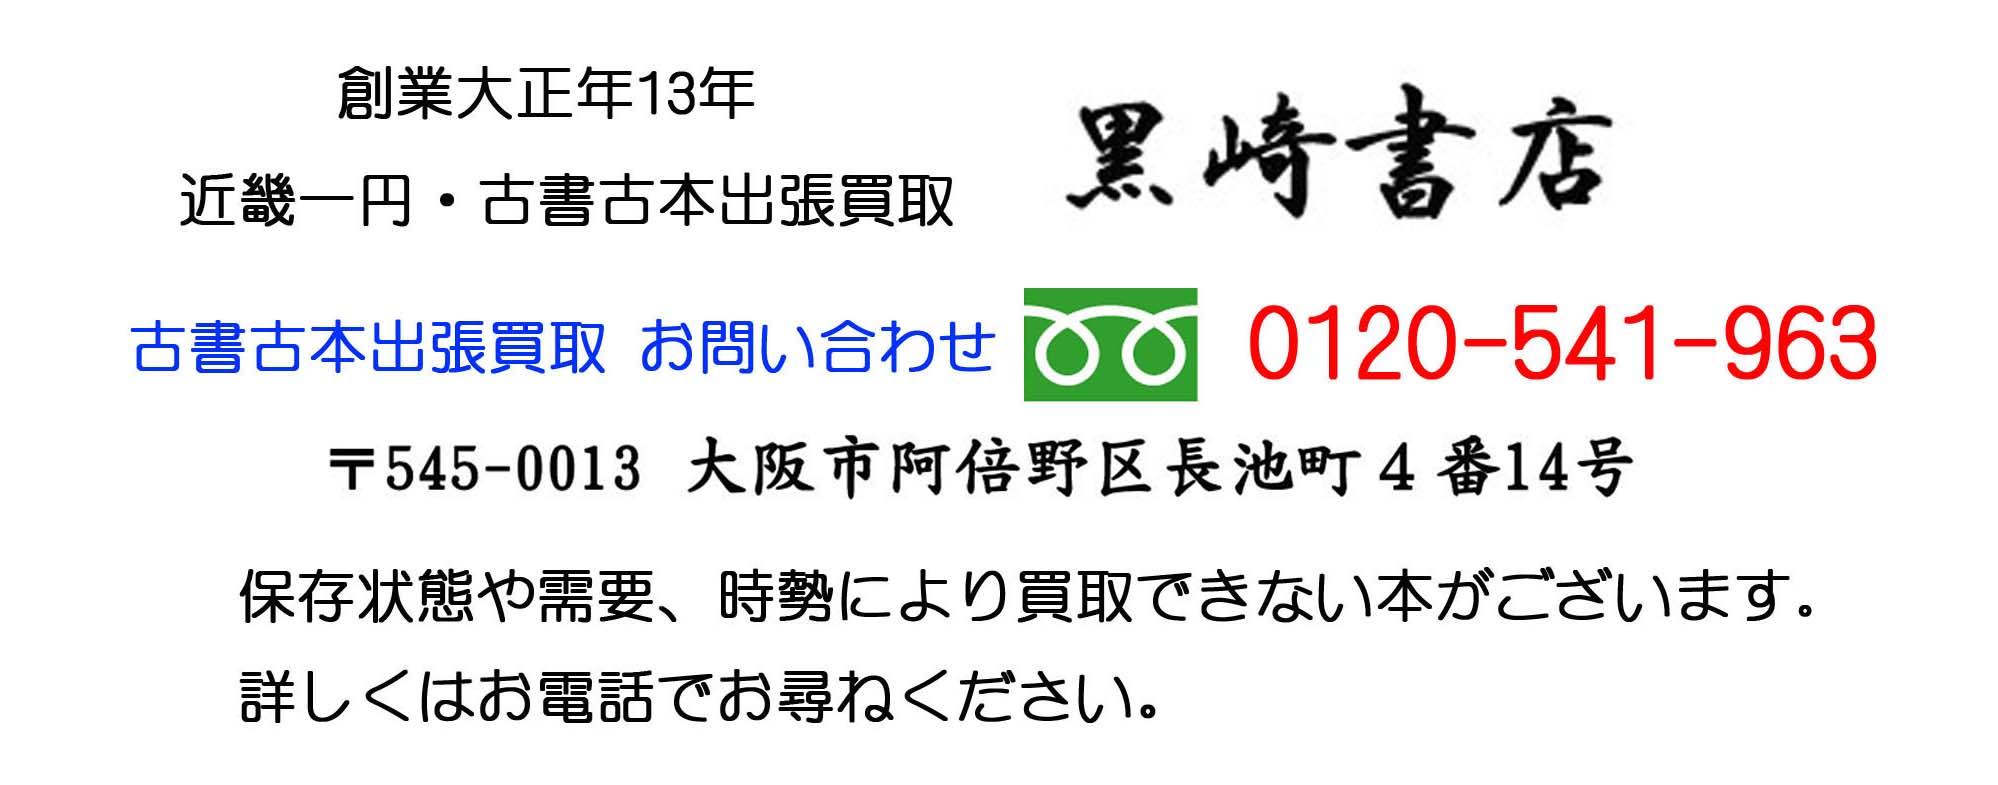 古書 買取 大阪 黒崎書店